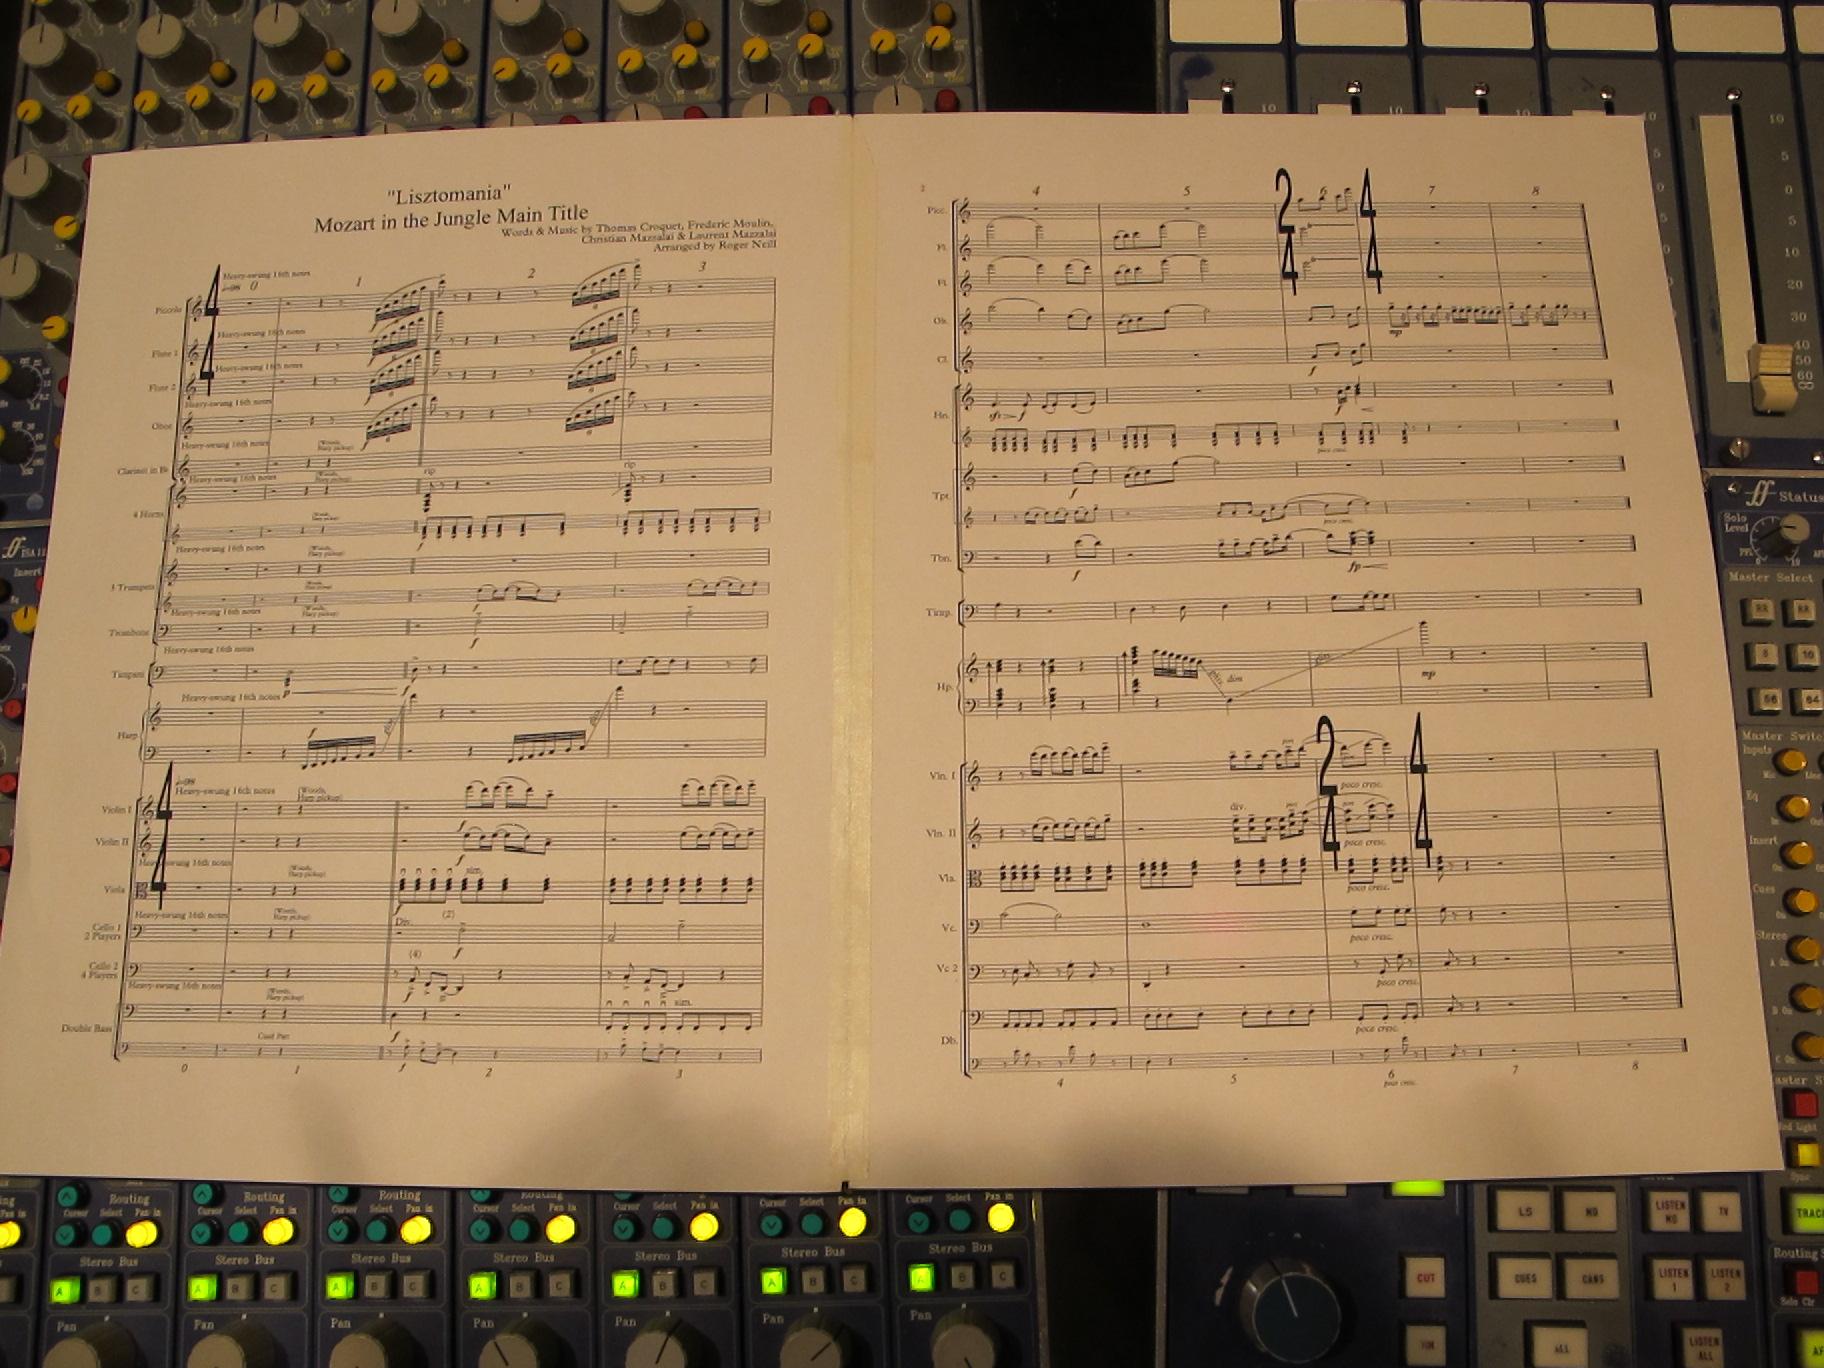 Liszto_score_page.JPG